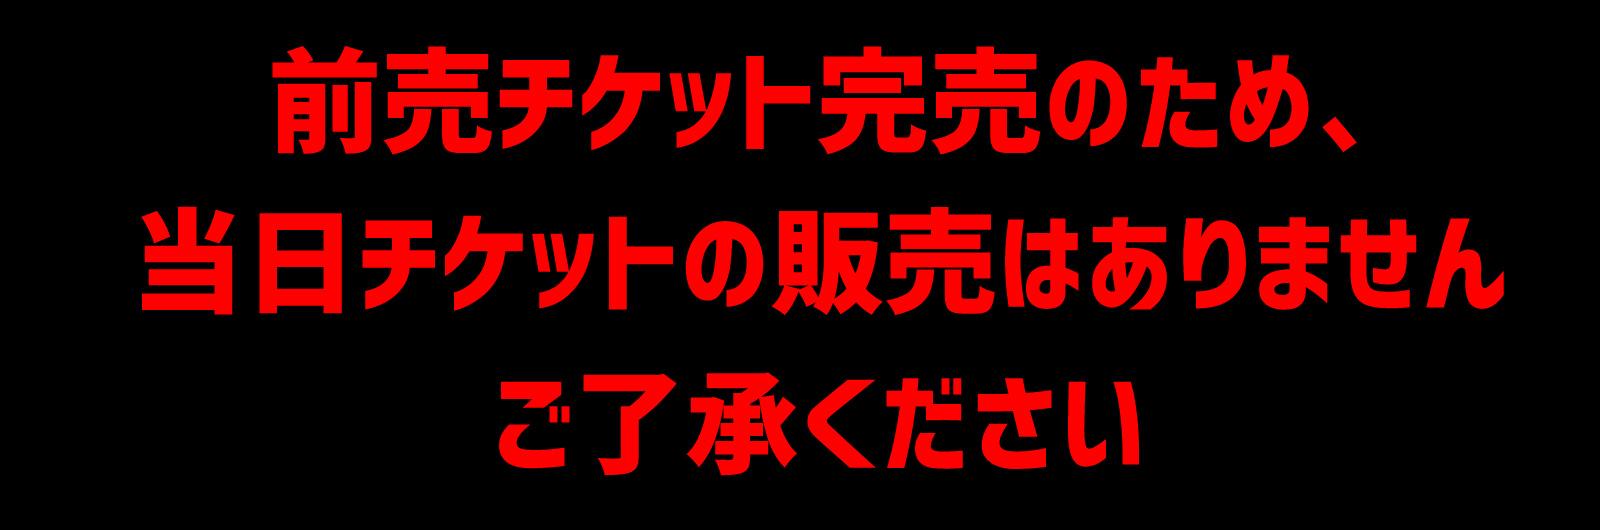 TOP_text3